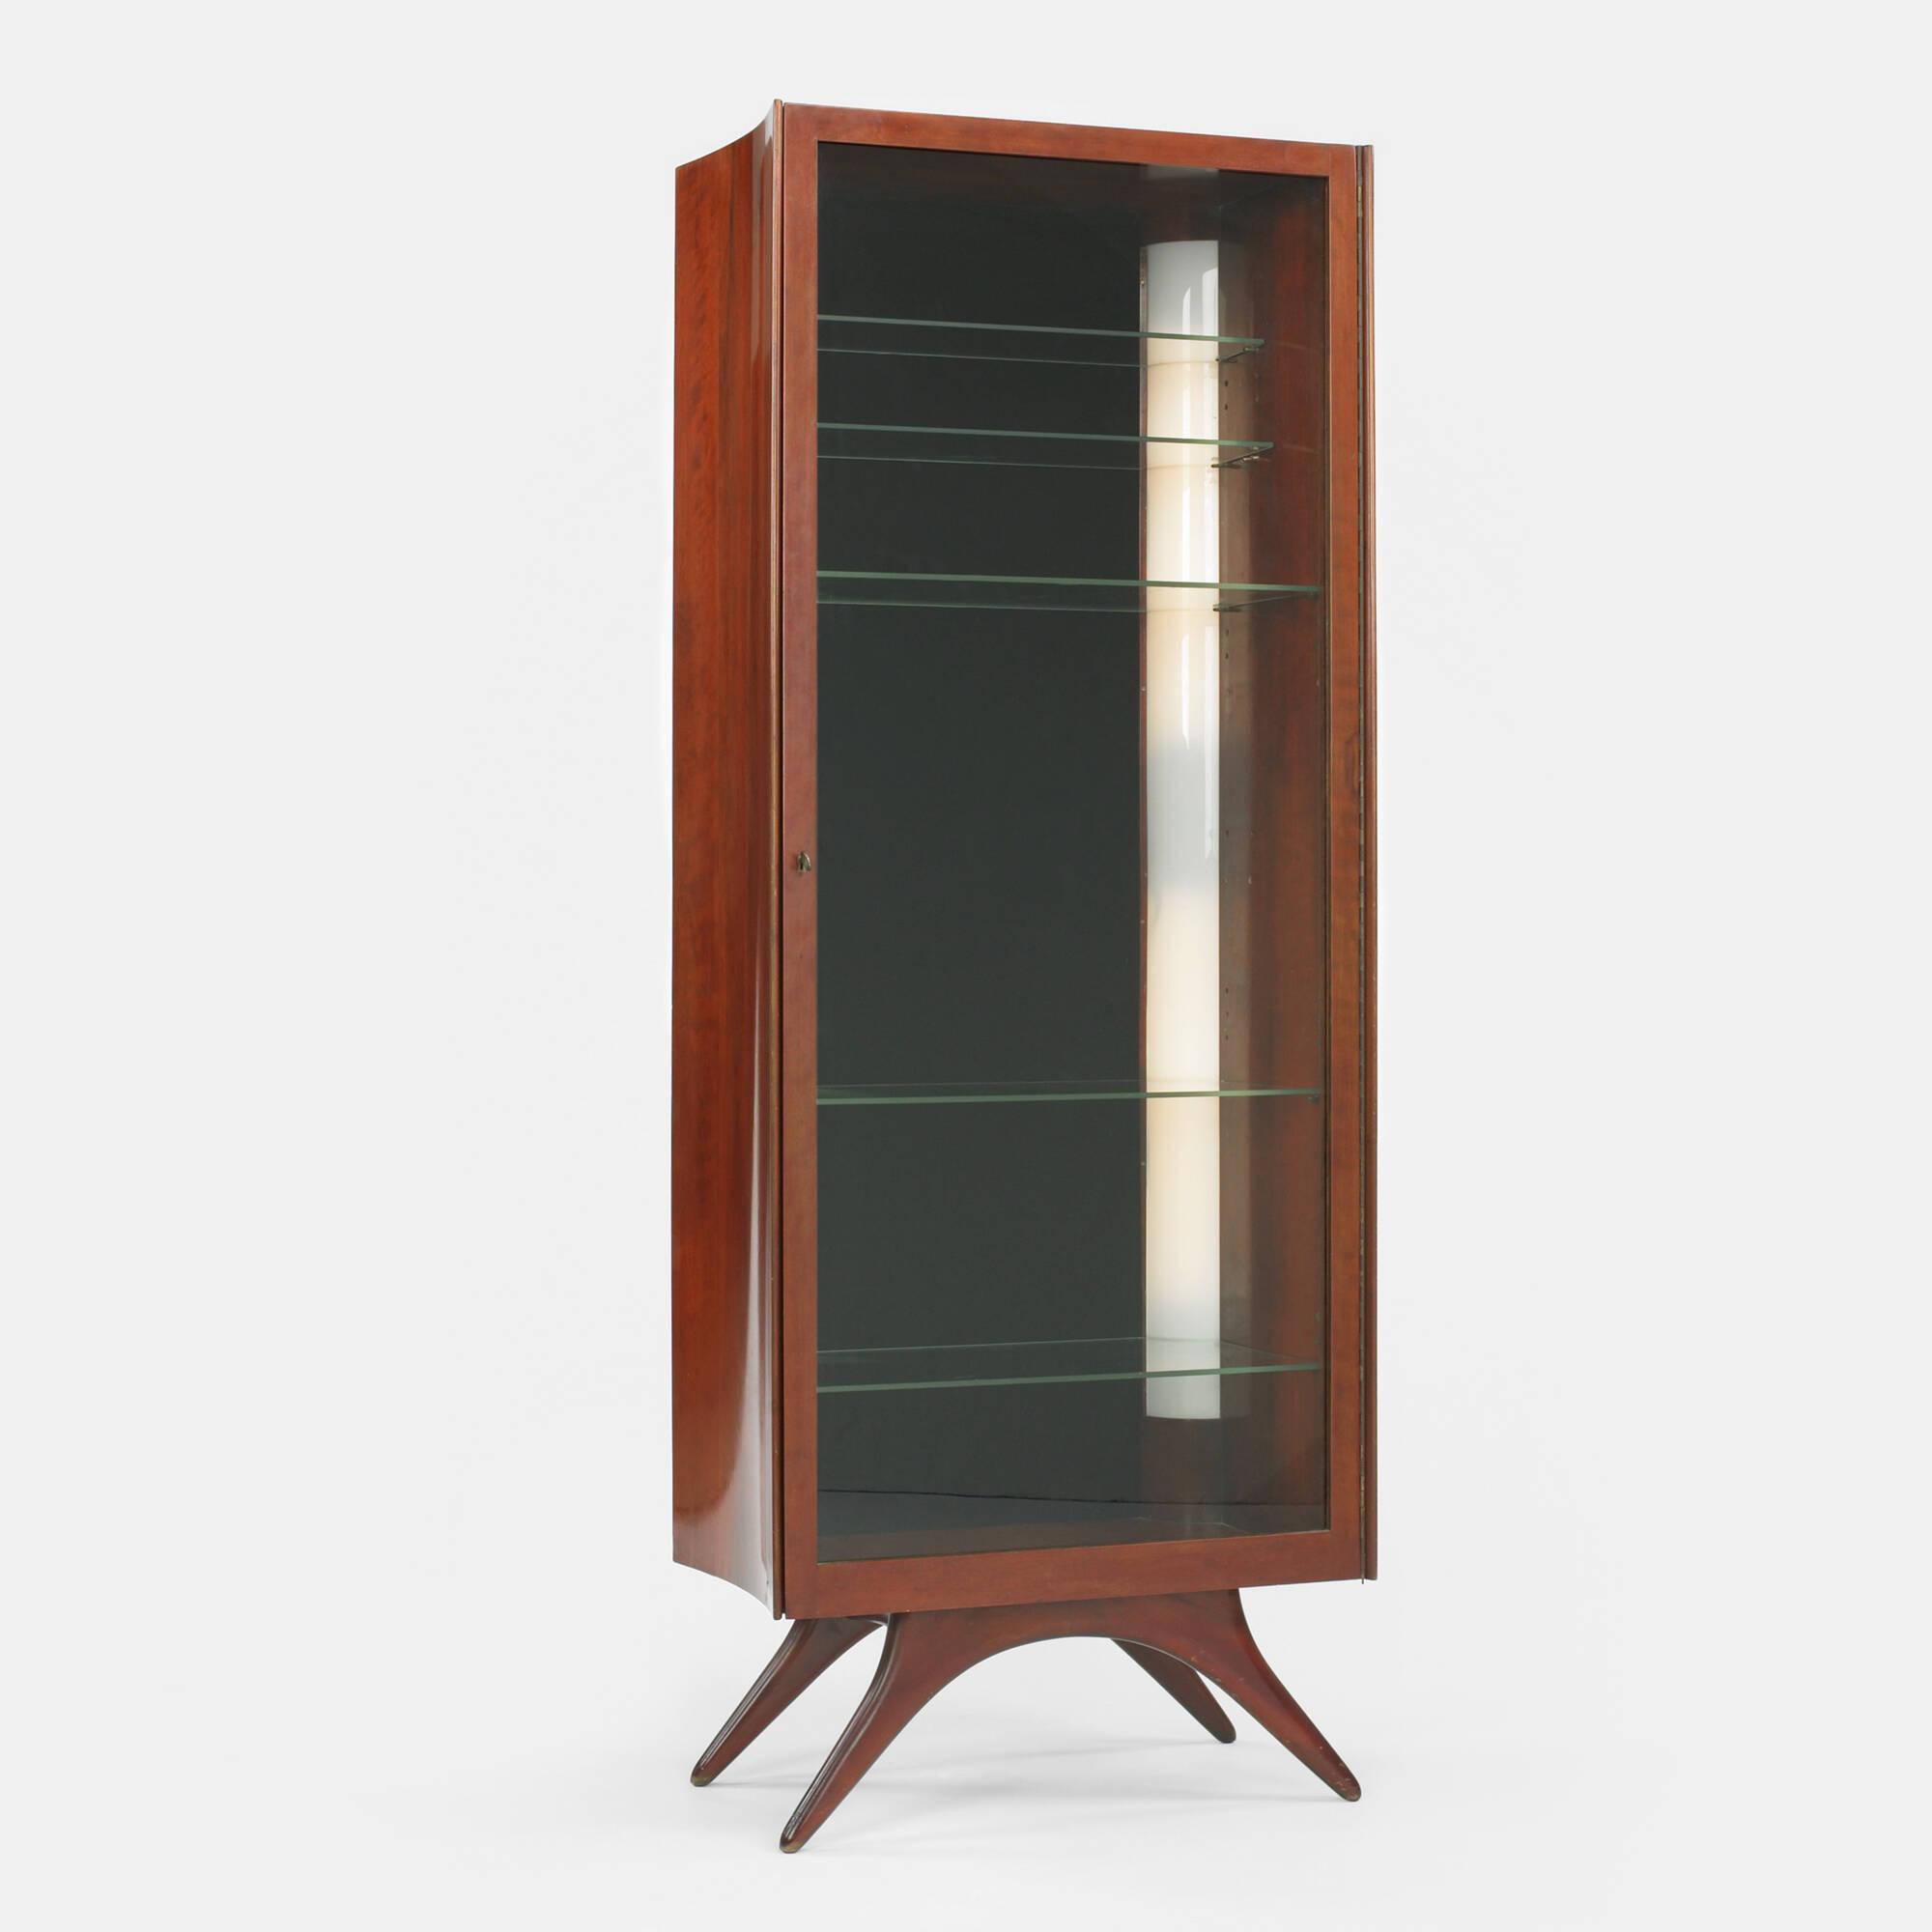 Exquisit Vitrine Modern Dekoration Von 496: Vladimir Kagan, < Design , 7